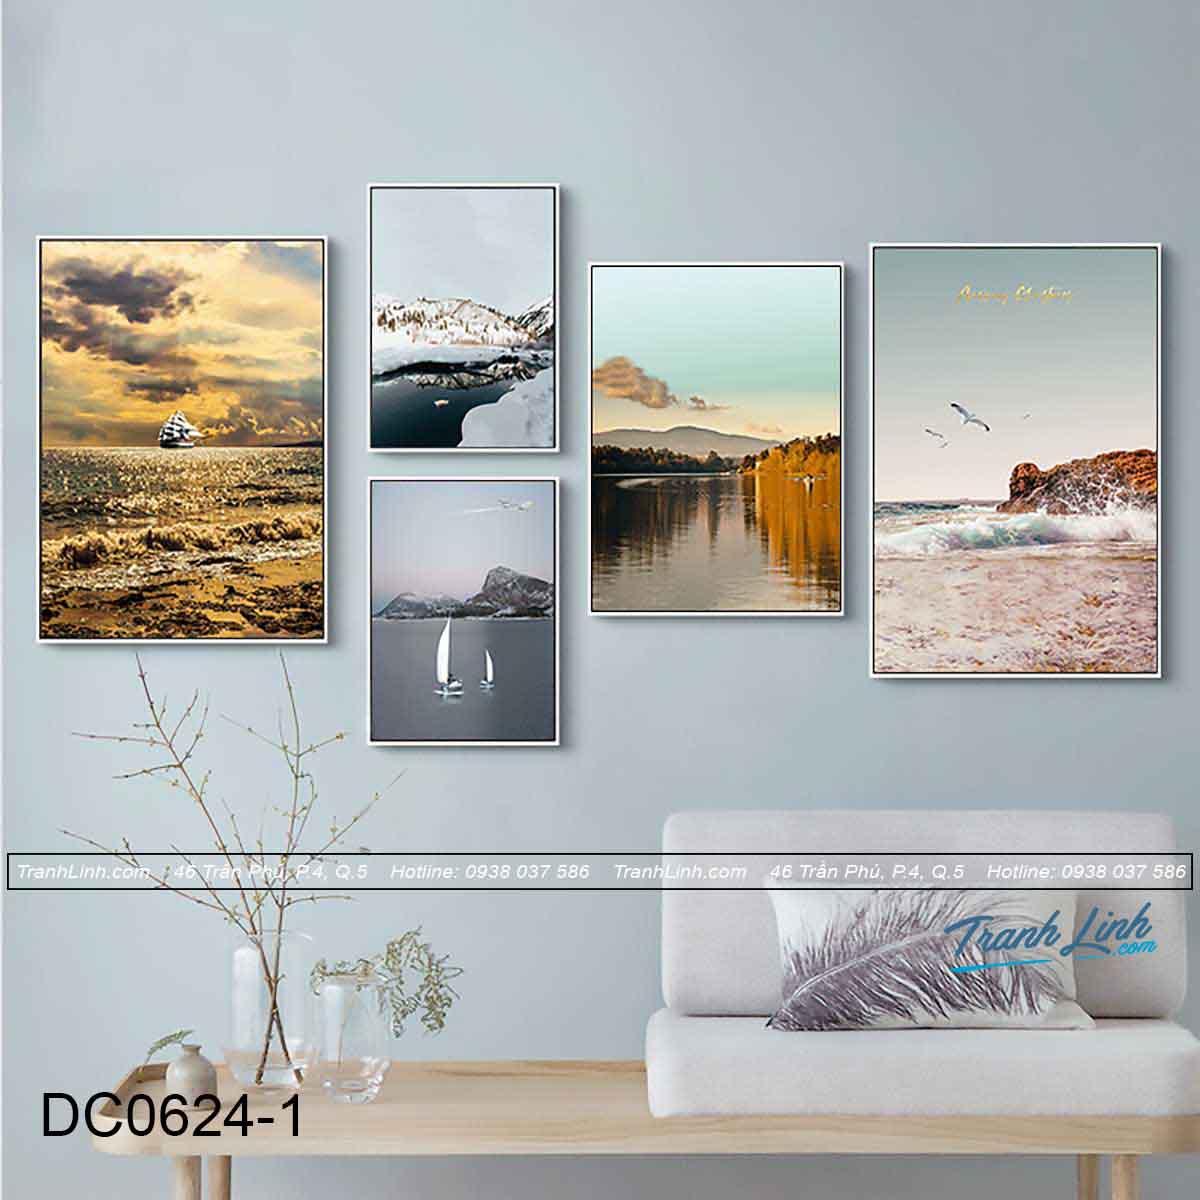 bo-tranh-canvas-treo-tuong-trang-tri-hoa-tiet-decor-dc0624-1.jpg